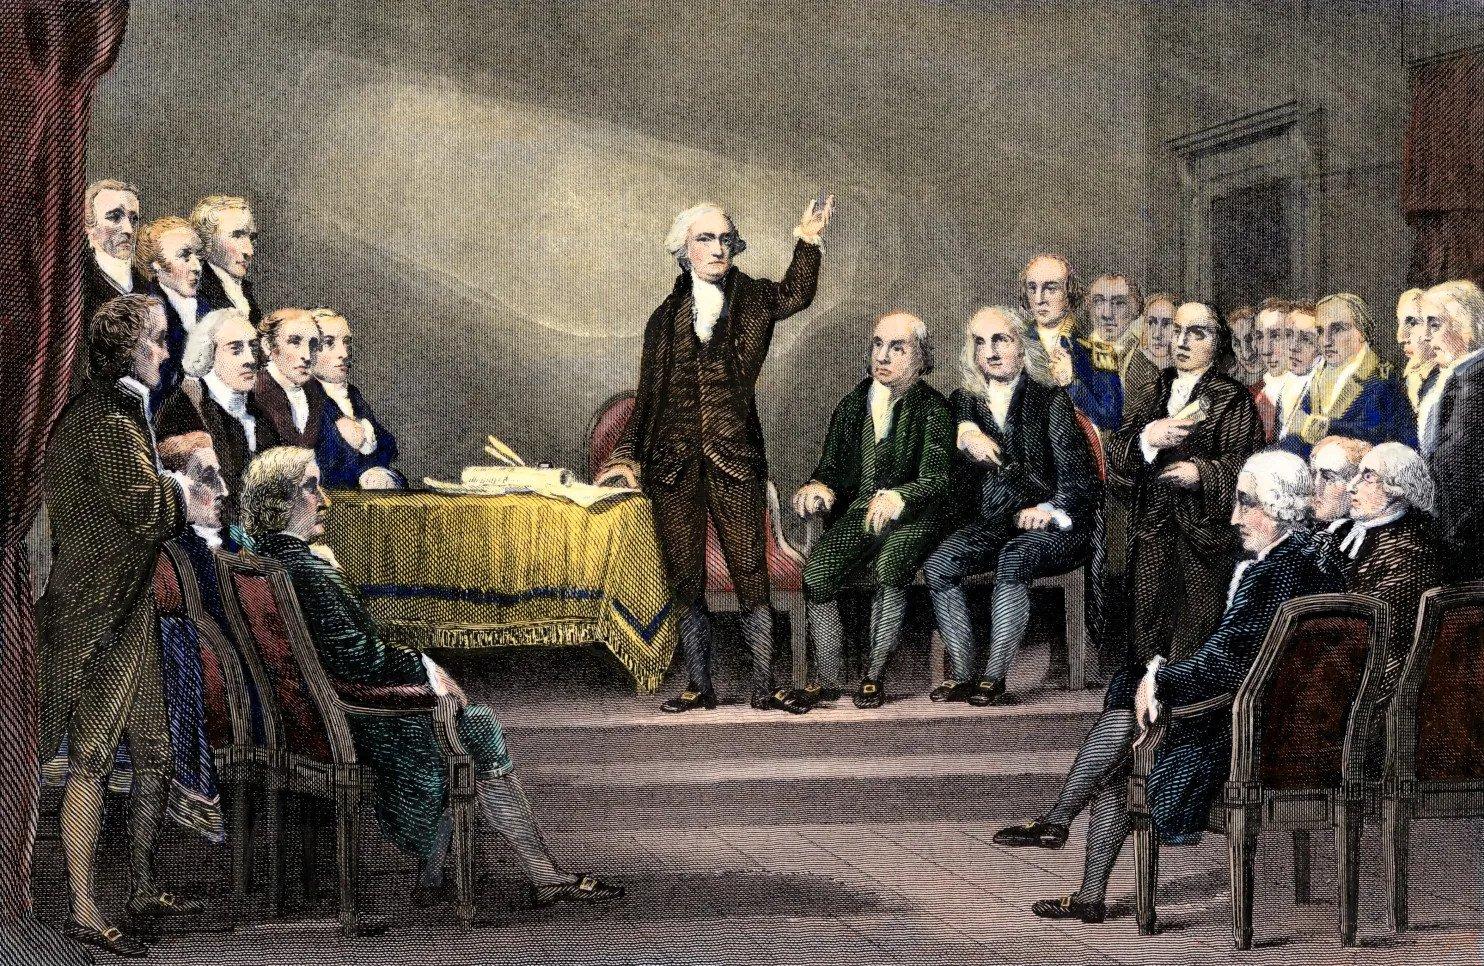 التاريخ الامريكي: 5 وقائع لا يعرفها أحد غيرت مسار البلاد